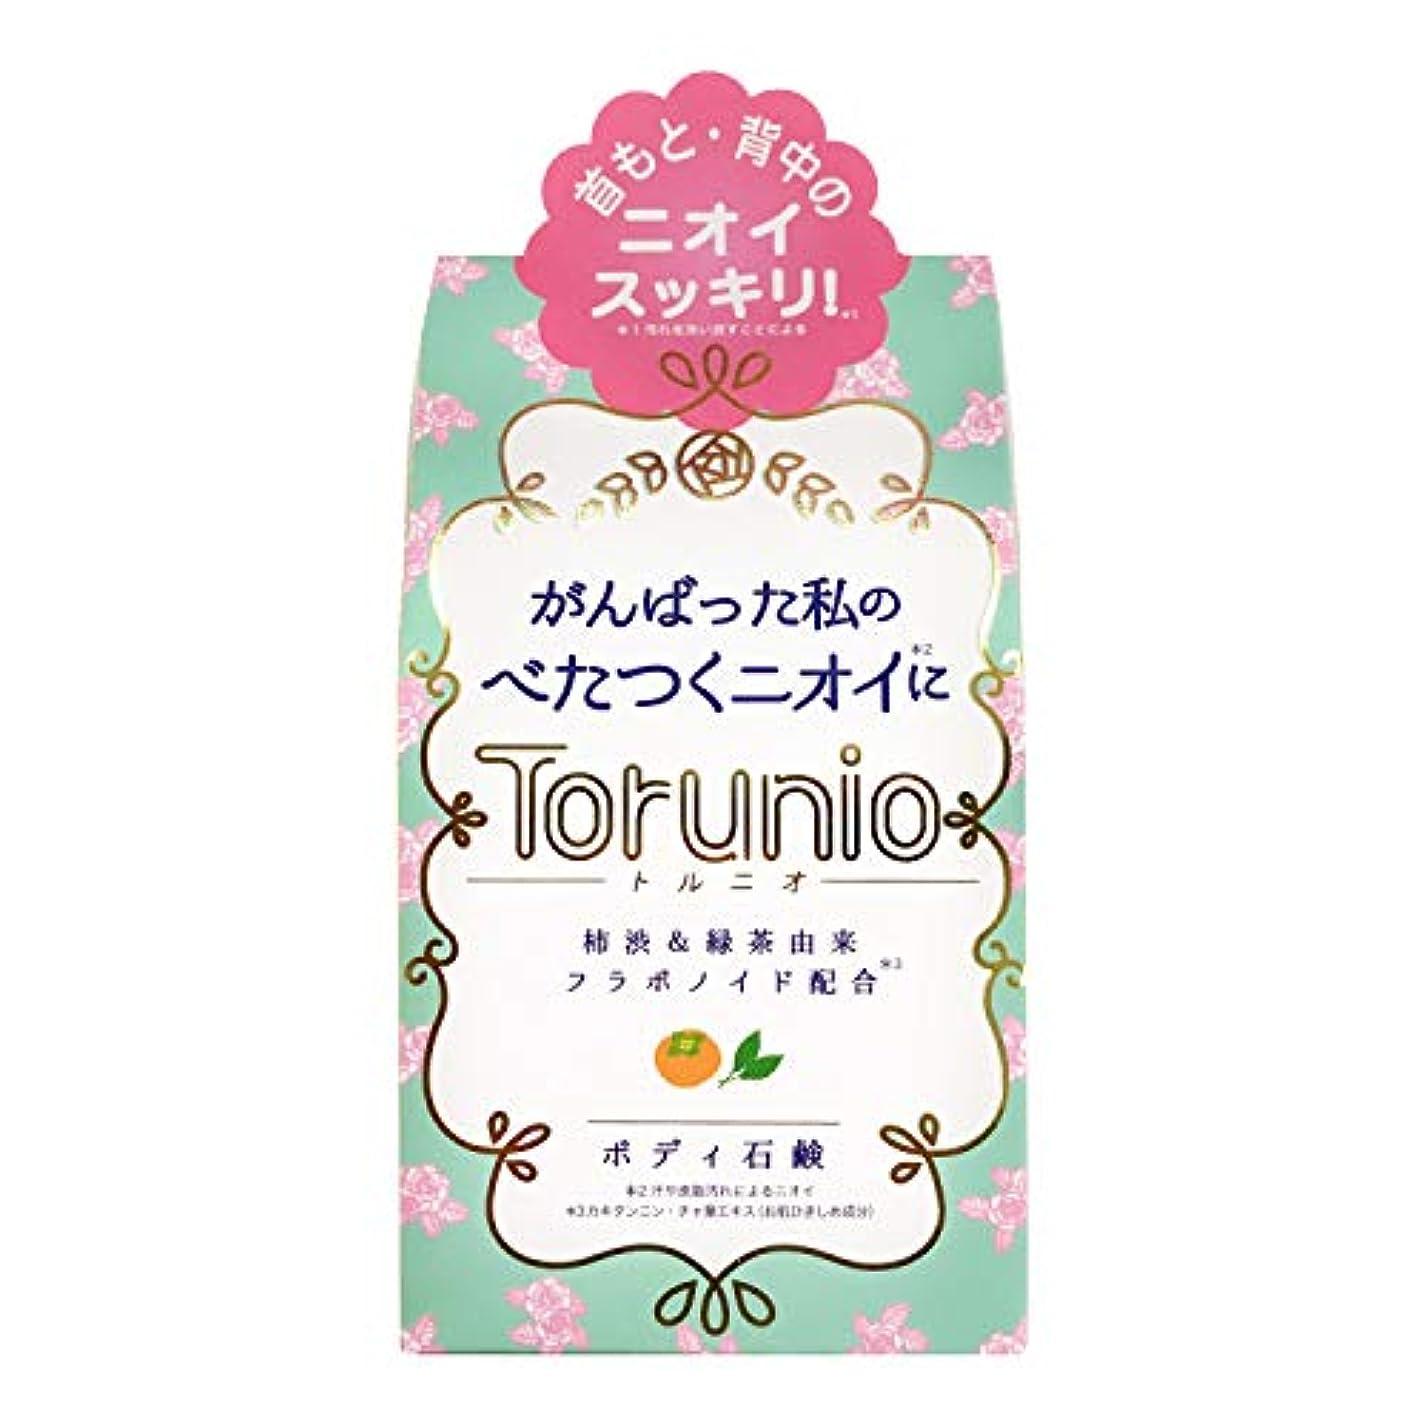 反抗免除する深さTorunio(トルニオ)石鹸 100g